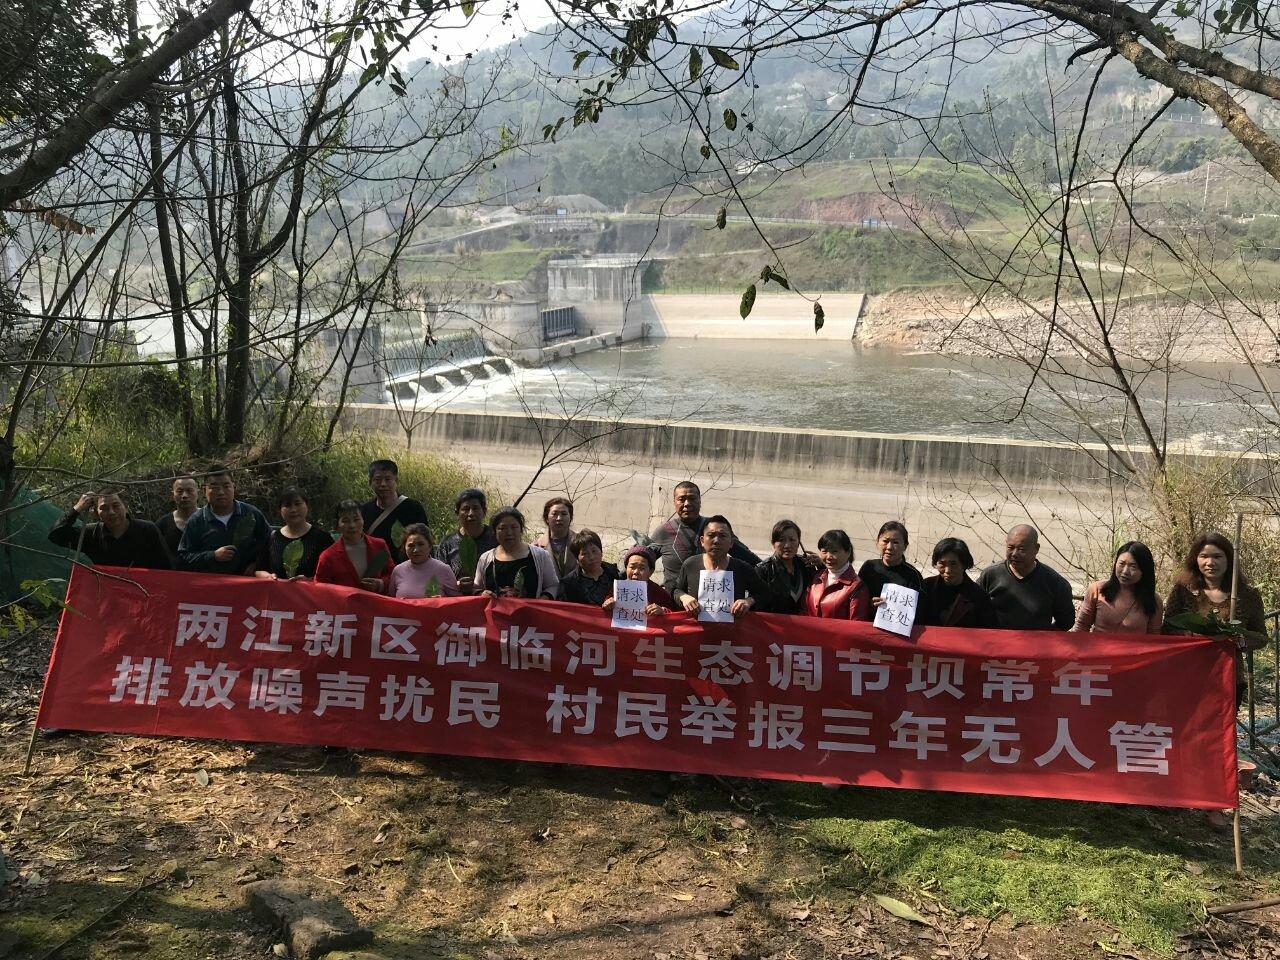 2月24日,重慶維權公民19人來到姜開碧家探訪,並呼籲當局重視村民身體健康。(受訪者提供)